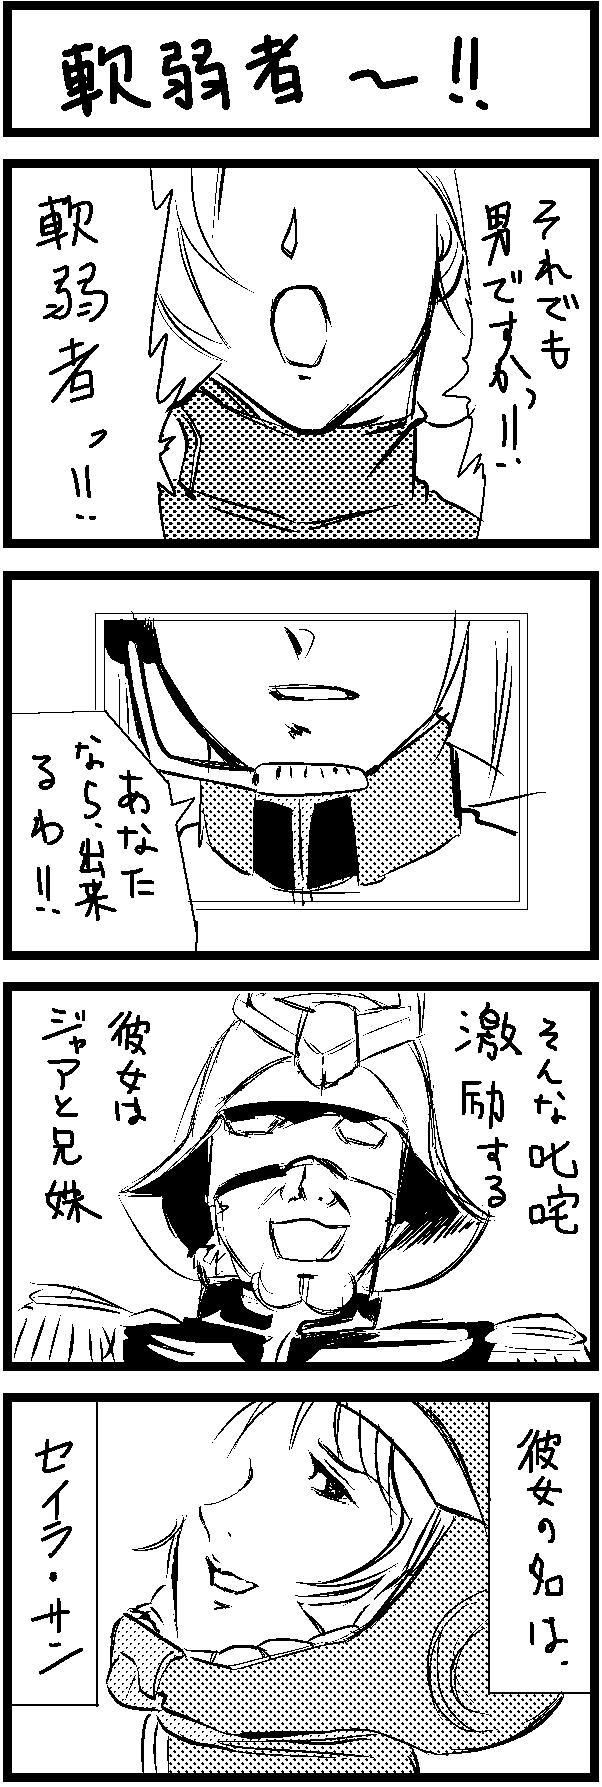 ガンダーム9_03.png